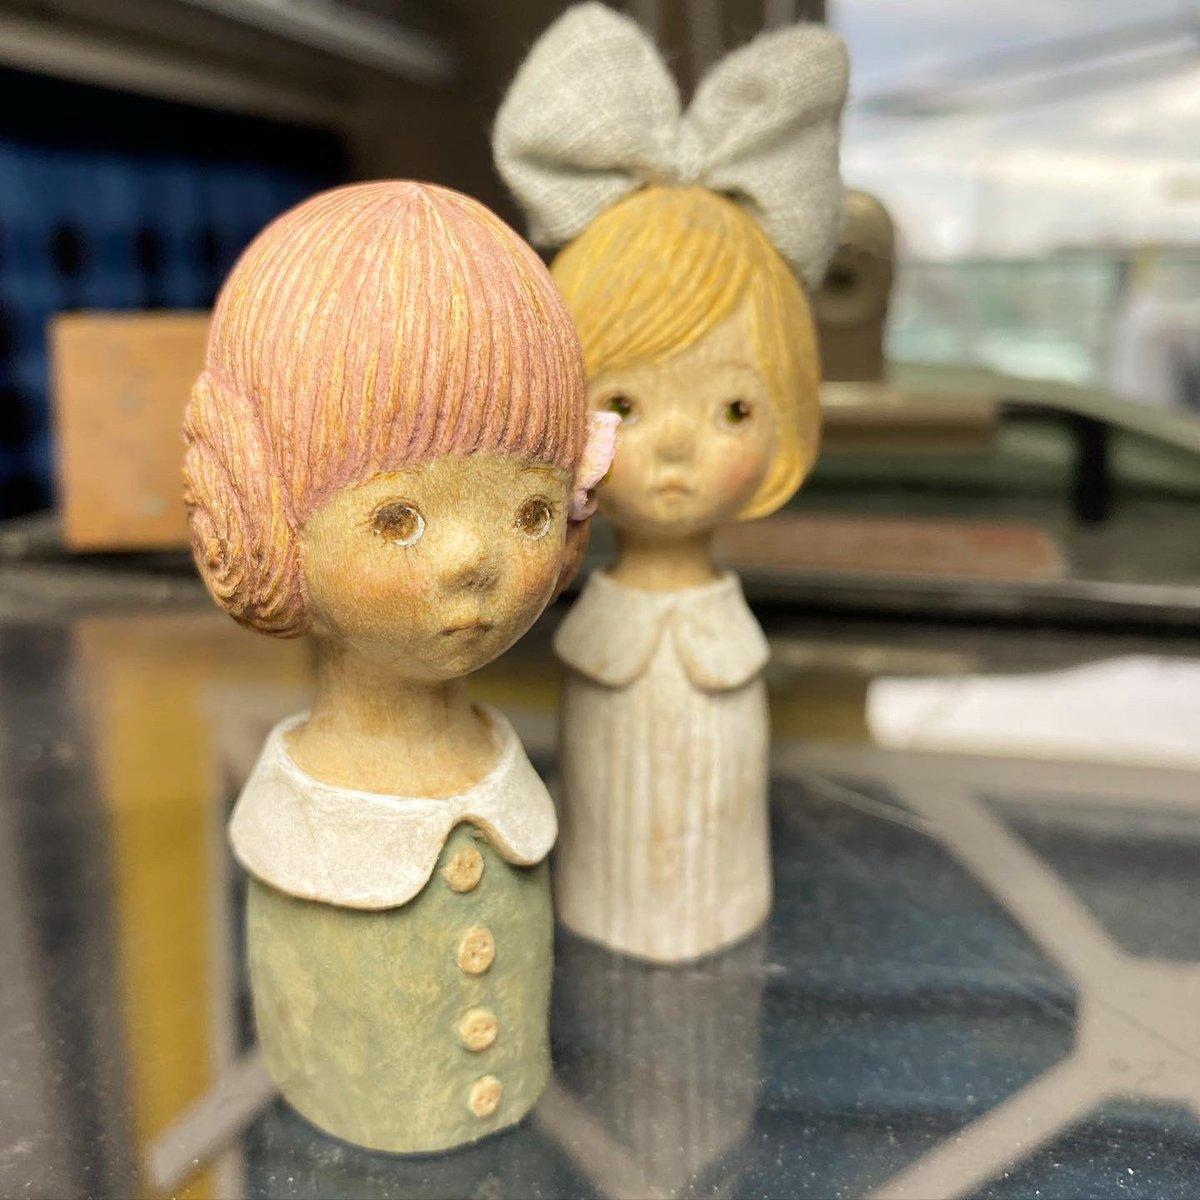 亀のようなノロさで(亀に失礼💦) やっと彩色…  今日はもうひとり、作り始めたかったぁ  #お人形 #ミニチュアドール #少女 #木彫り https://t.co/Udet9xfhMj